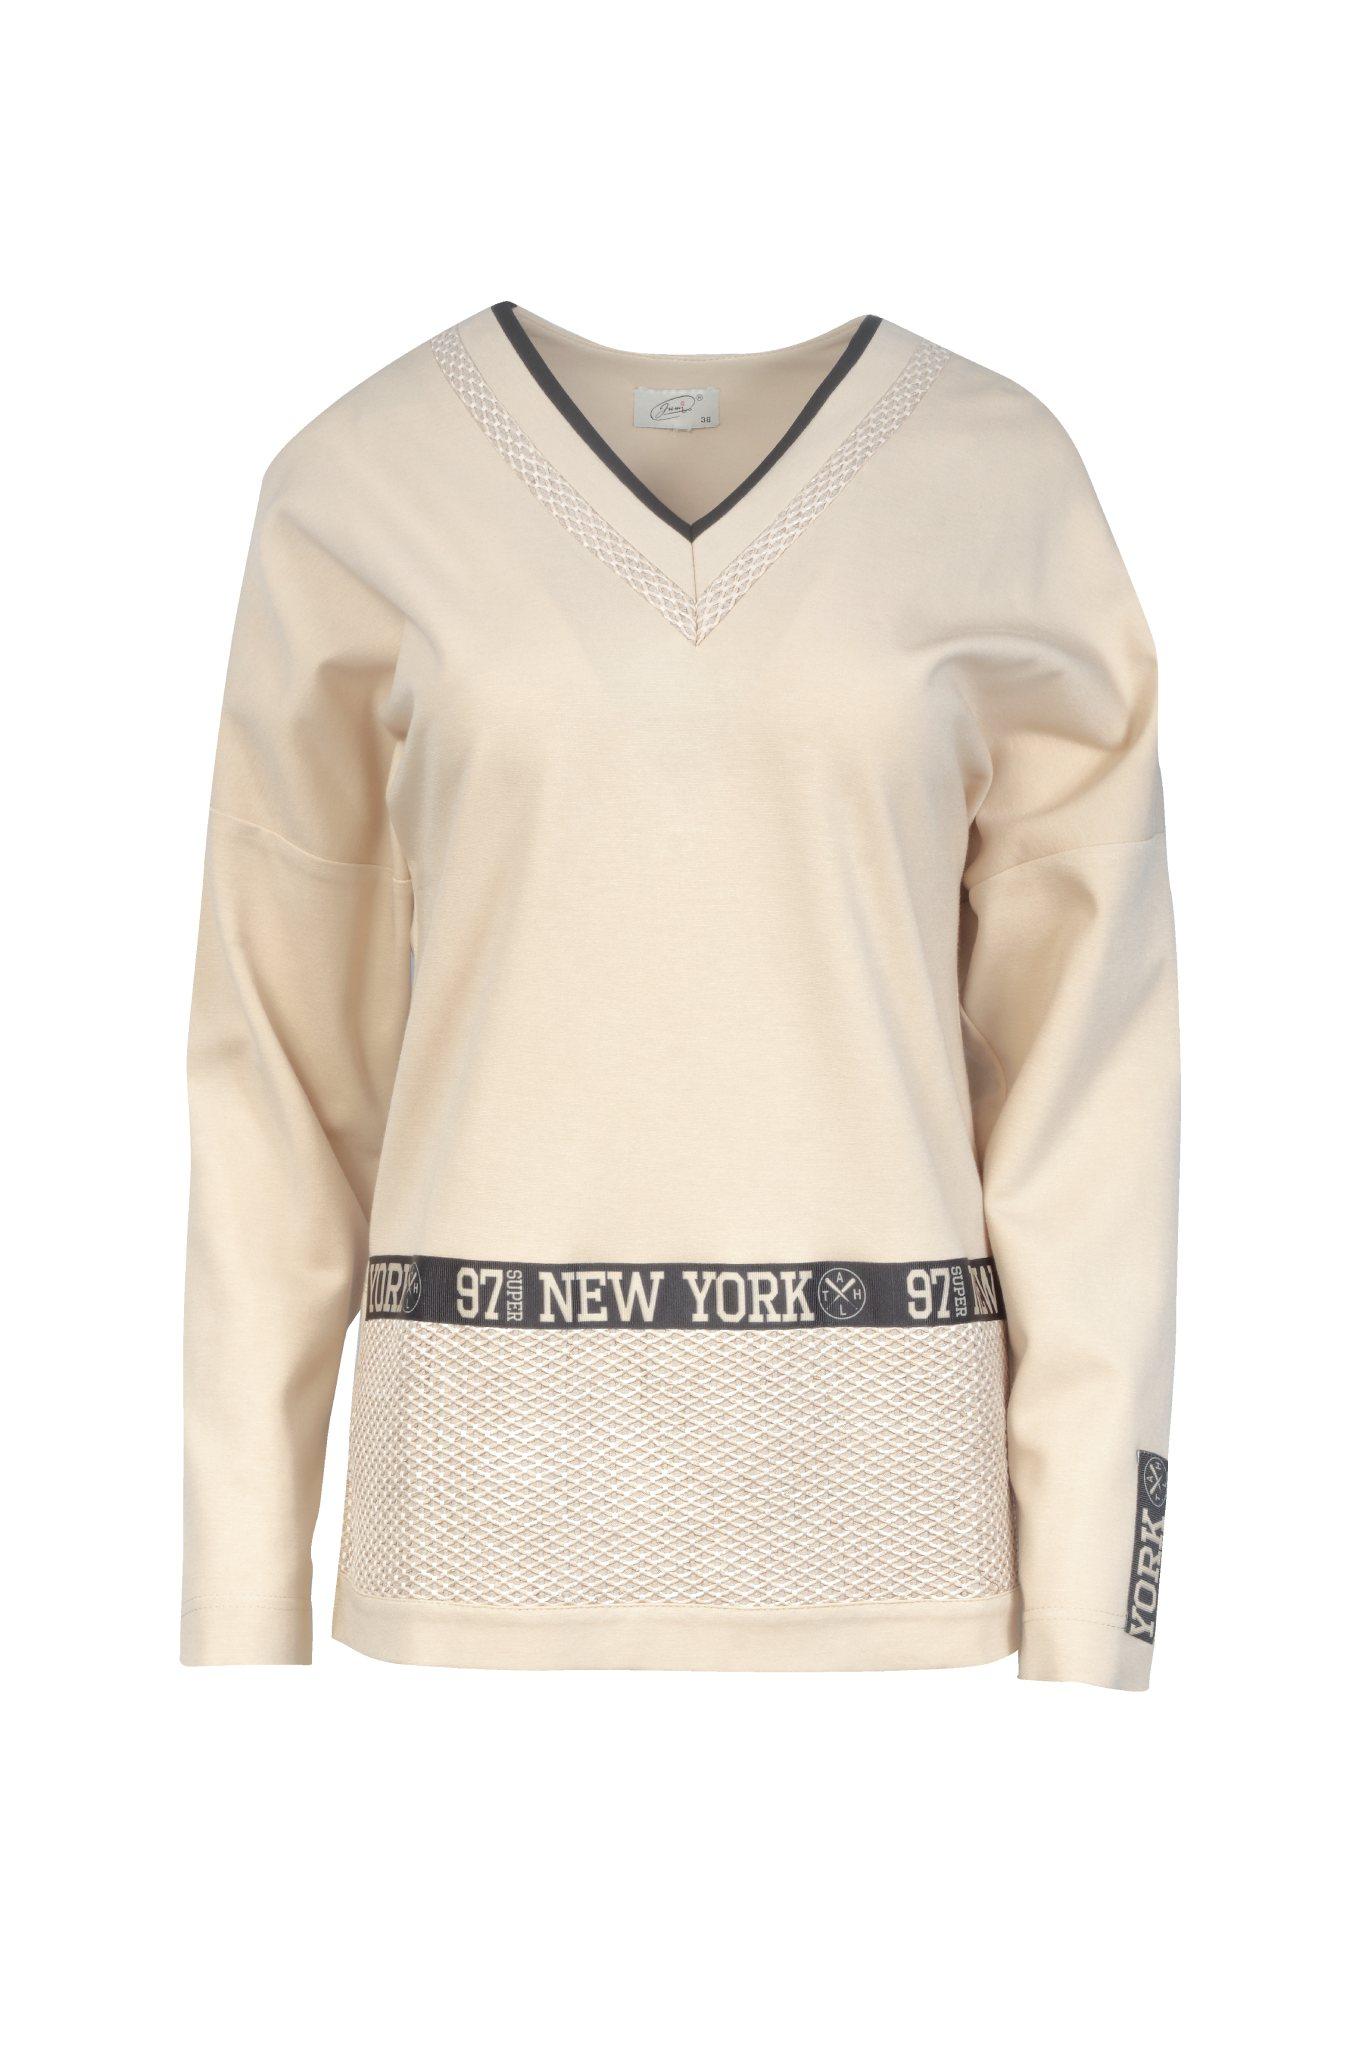 1296 Jumitex bezowa bluza New York